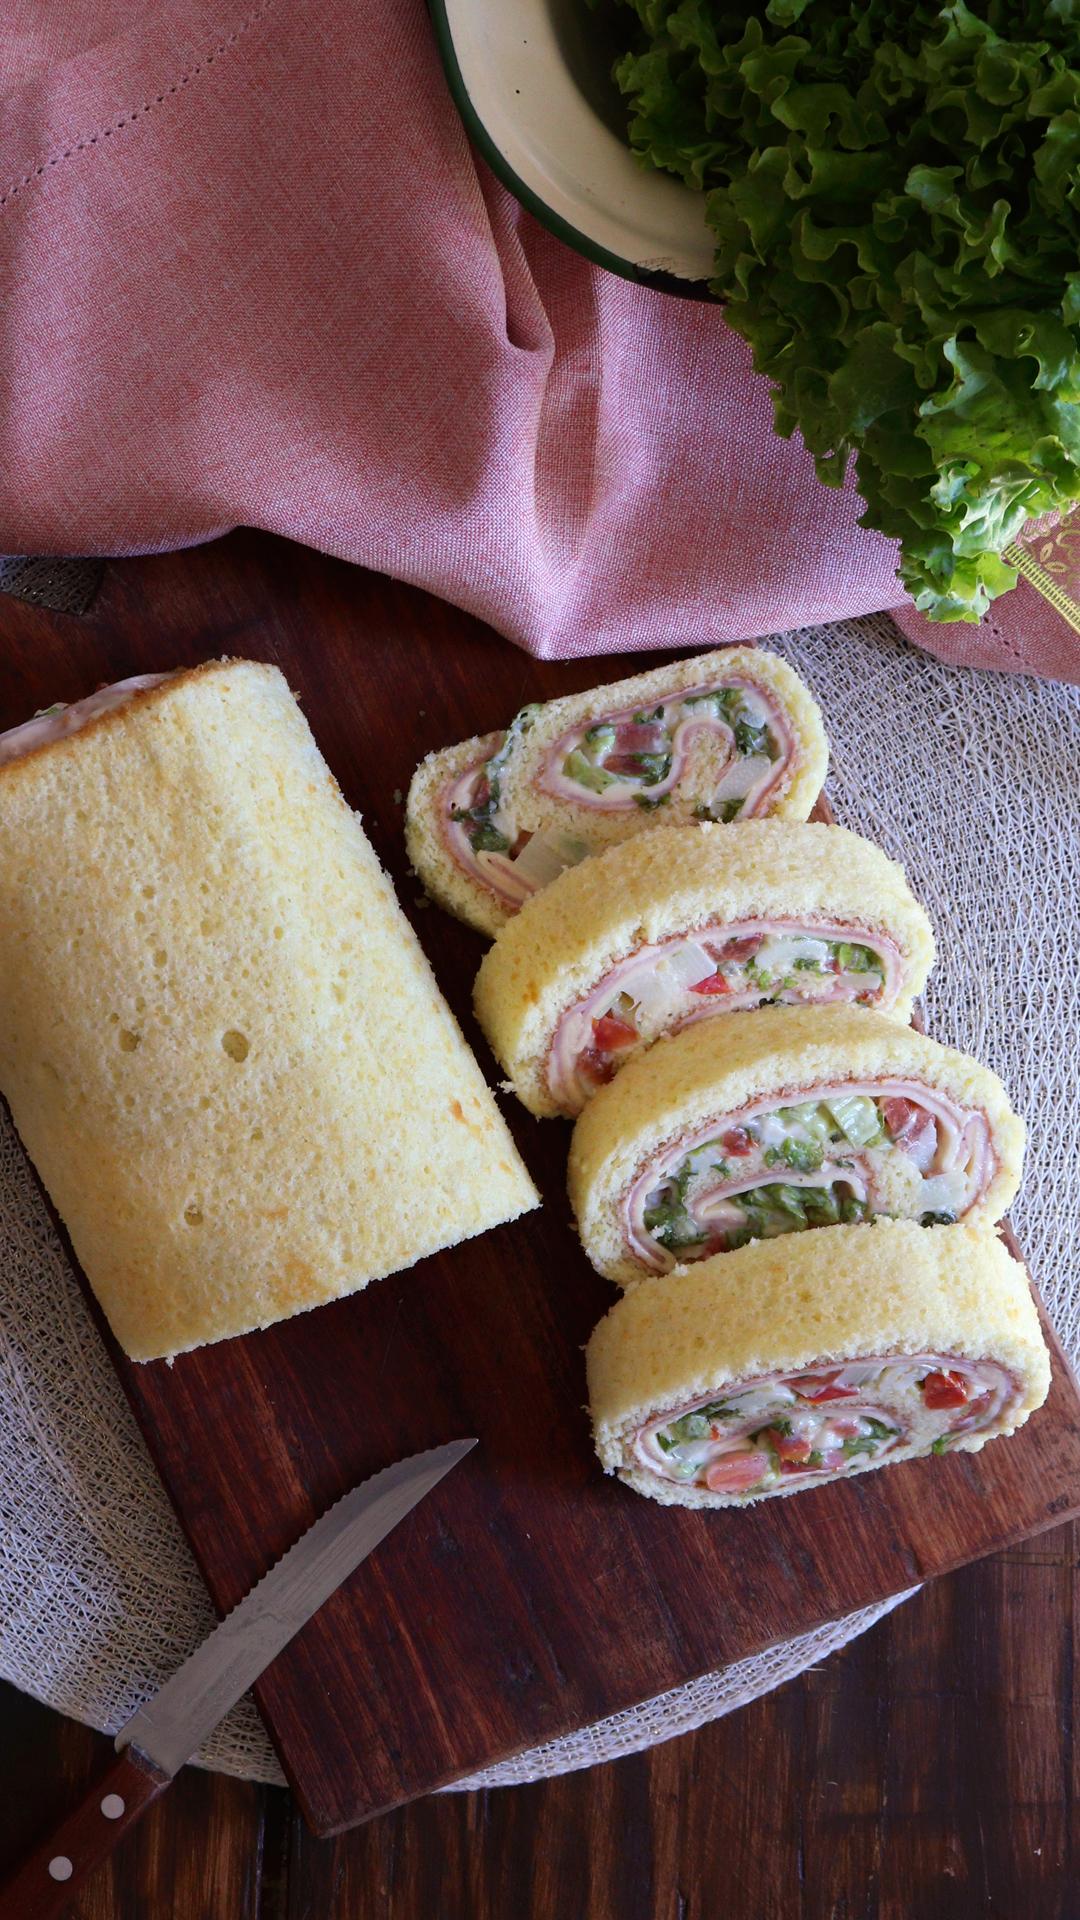 pionono salado primavera jamon queso navidad